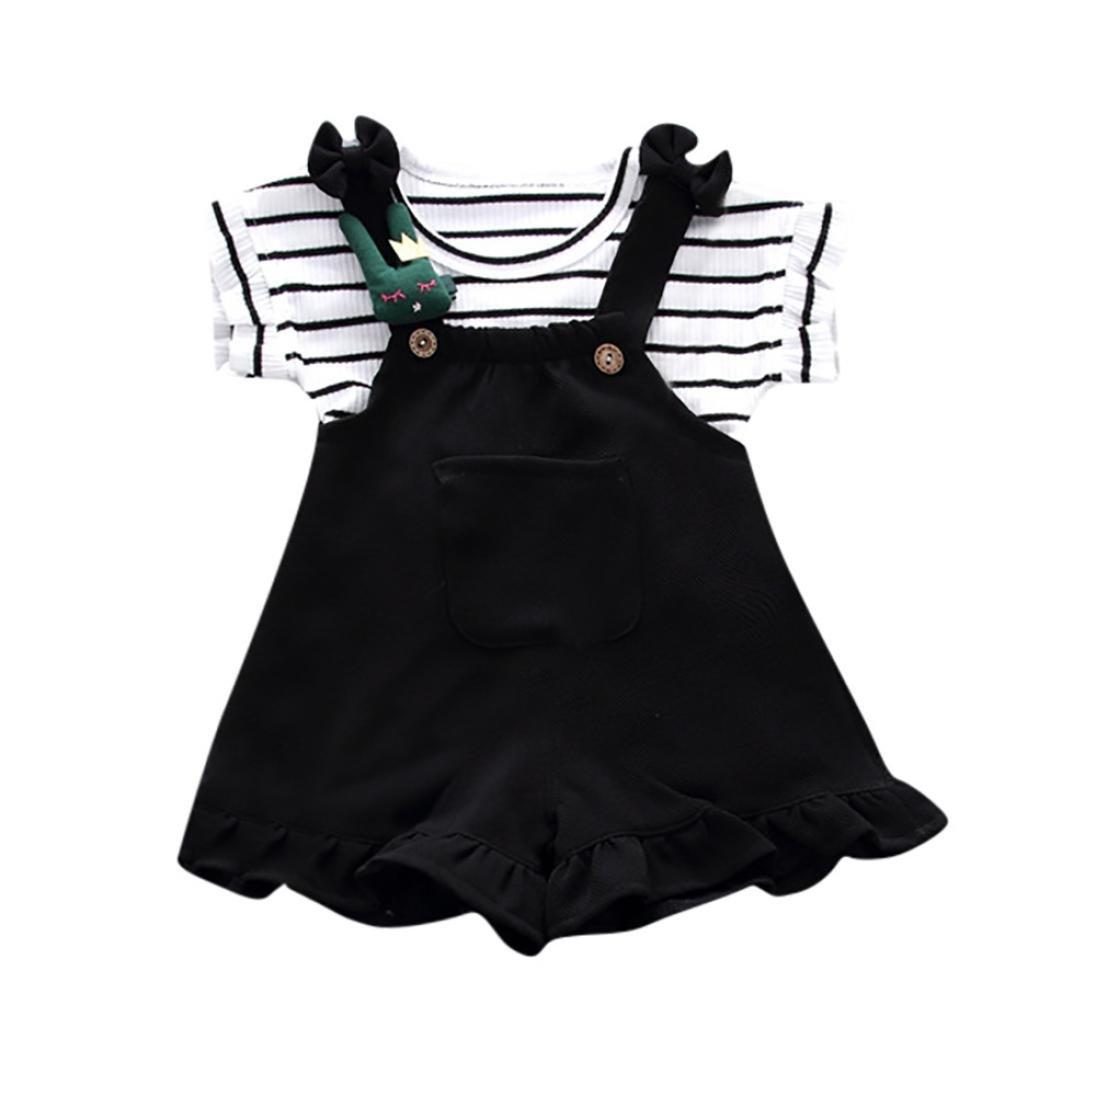 Counjunto de ropa bebé niña, ❤️ Amlaiworld Linda Camisa de manga corta a rayas de verano para niñas bebé + pantalón corto de tirantes Bebés Conjuntos 6 Mes - 3 Años Amlaiworld 1